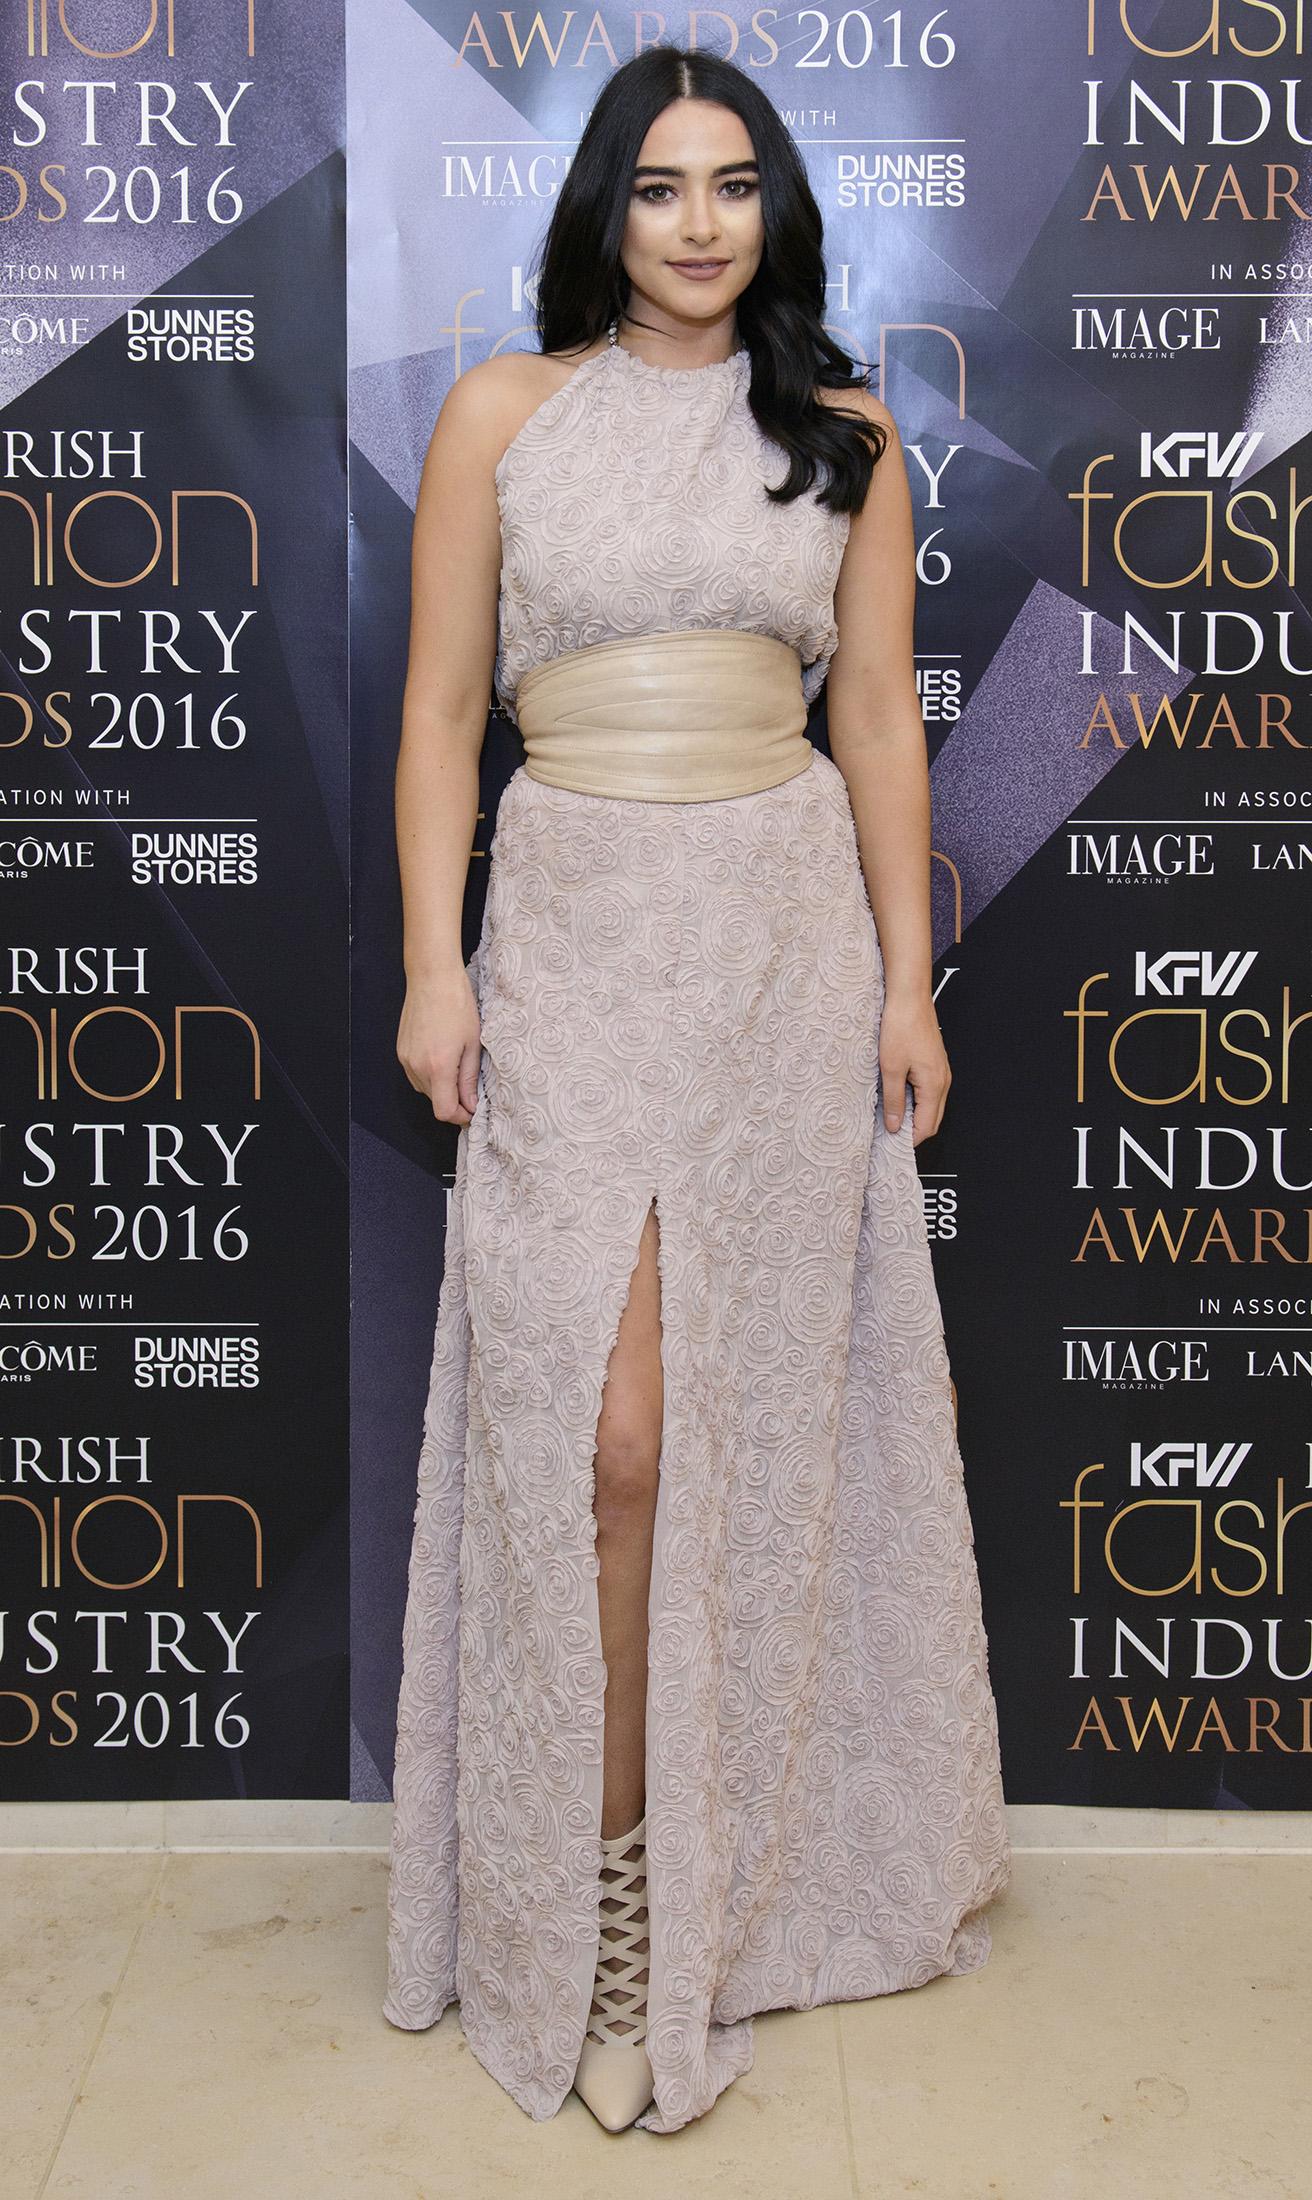 KFW16_Irish Fashion Industry Awards_9983.jpg